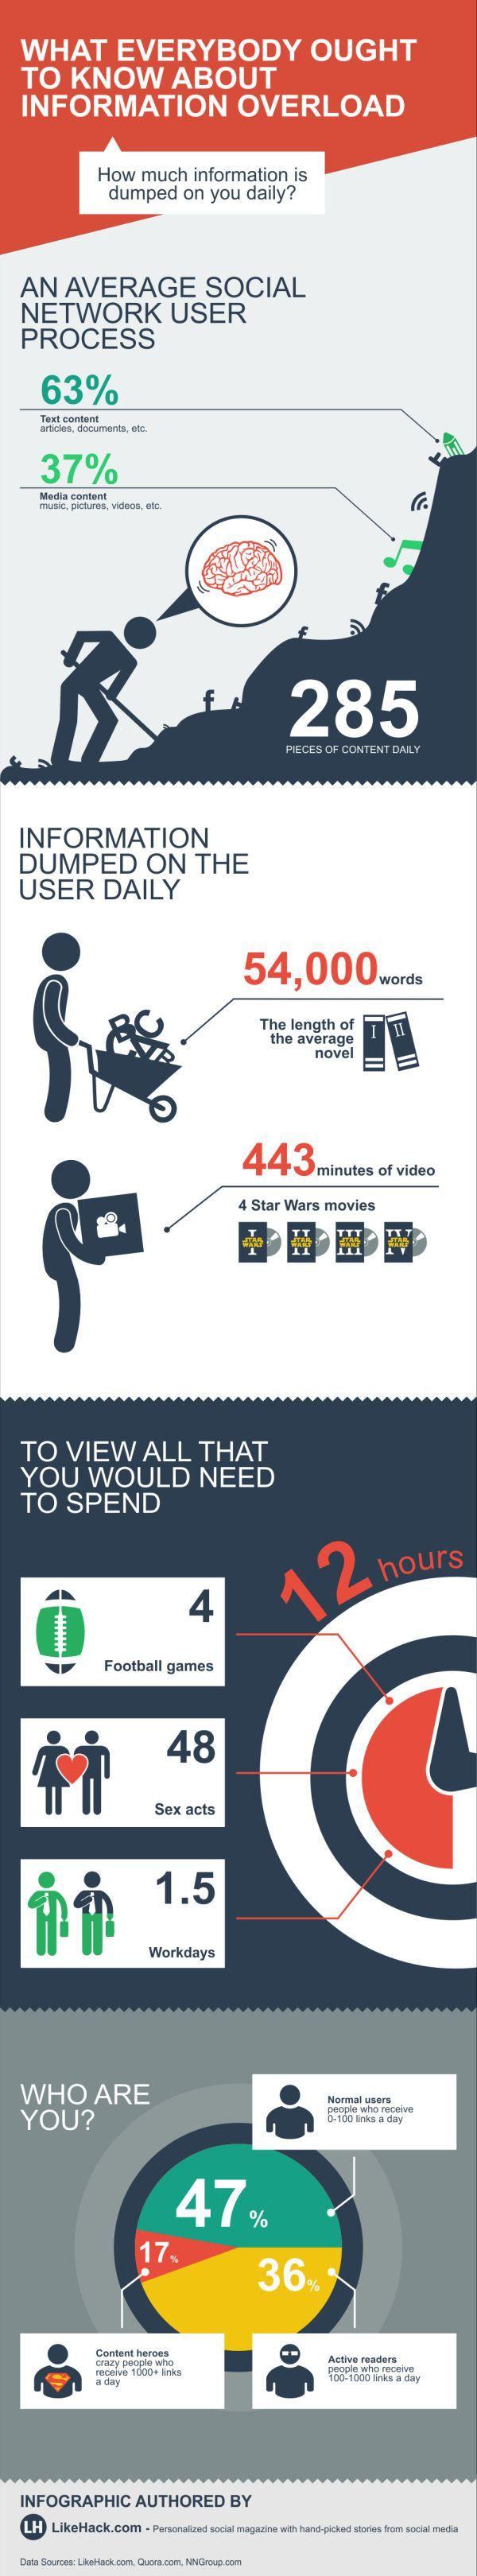 Digital Information Overload